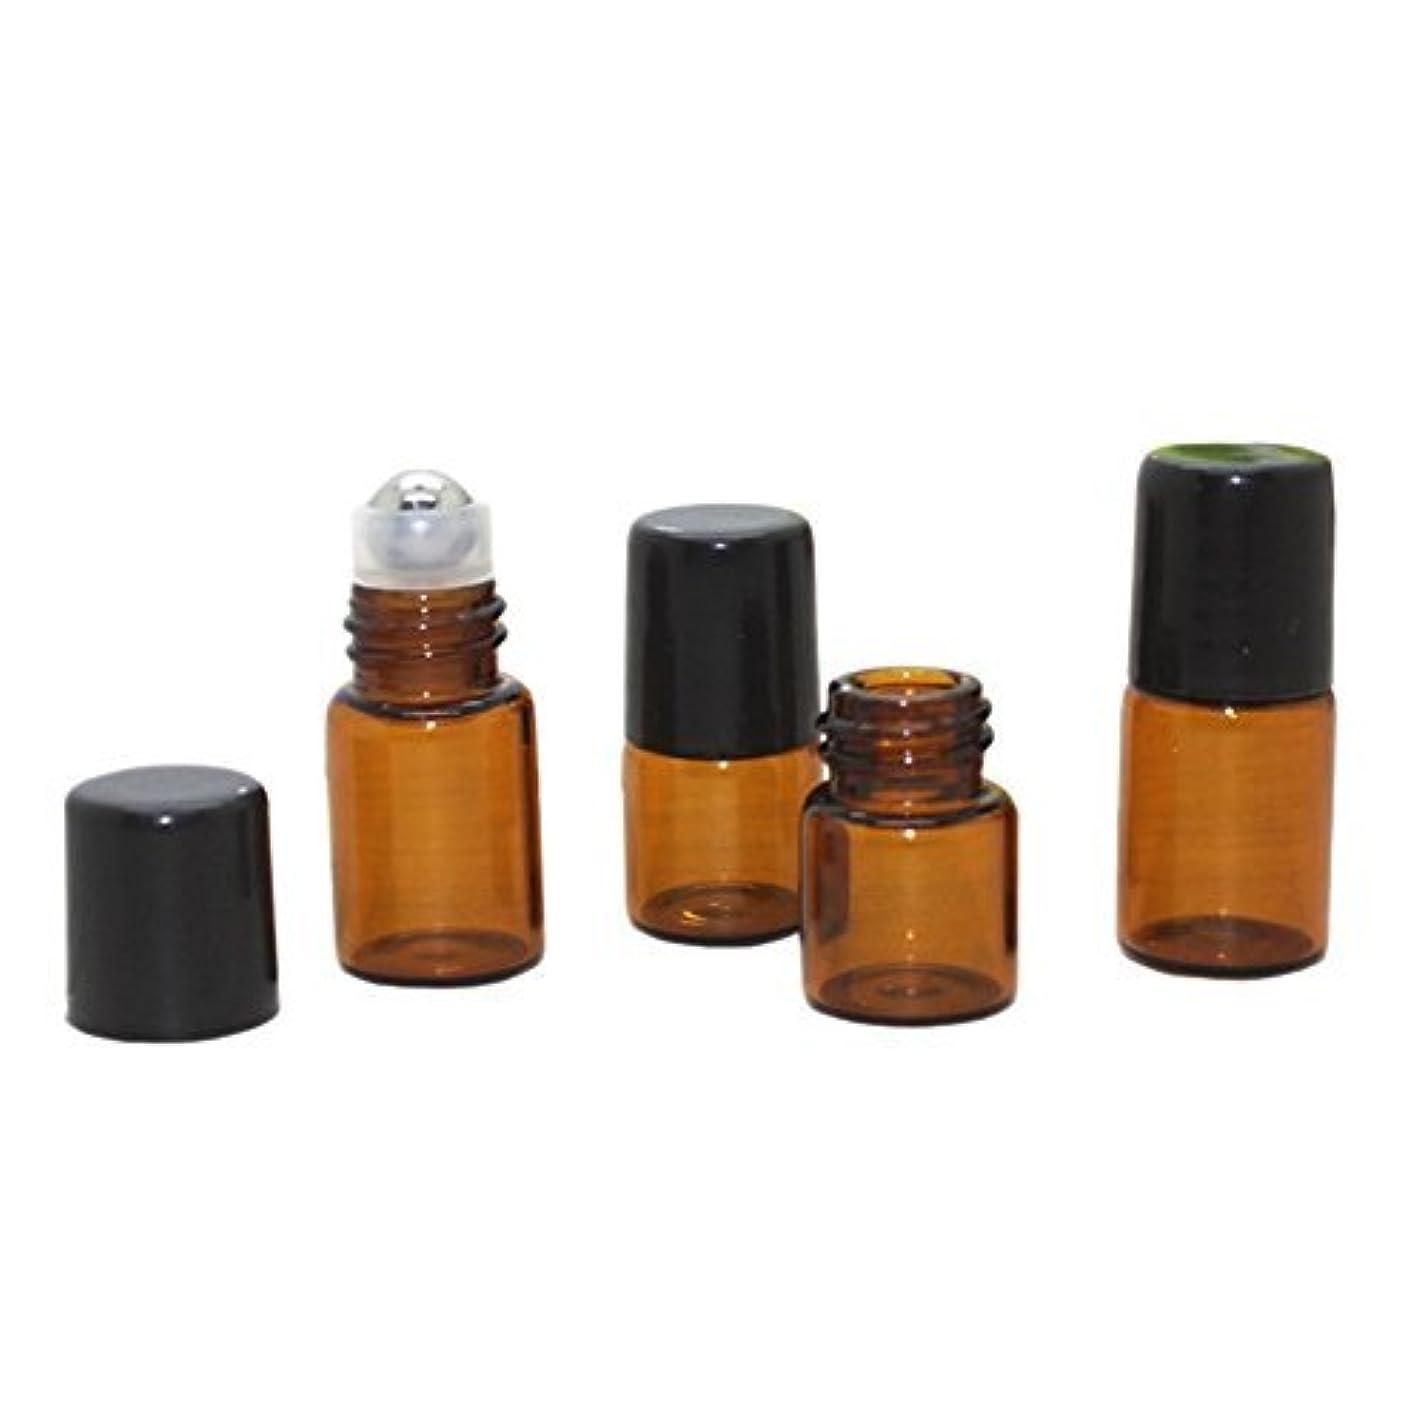 不当貴重なエンドウHugeStore 25 Pcs Mini Tiny Refillable Empty Essential Oil Glass Roller Bottles Aromatherapy Liquid Amber Glass Rollerball Bottles 2ml [並行輸入品]